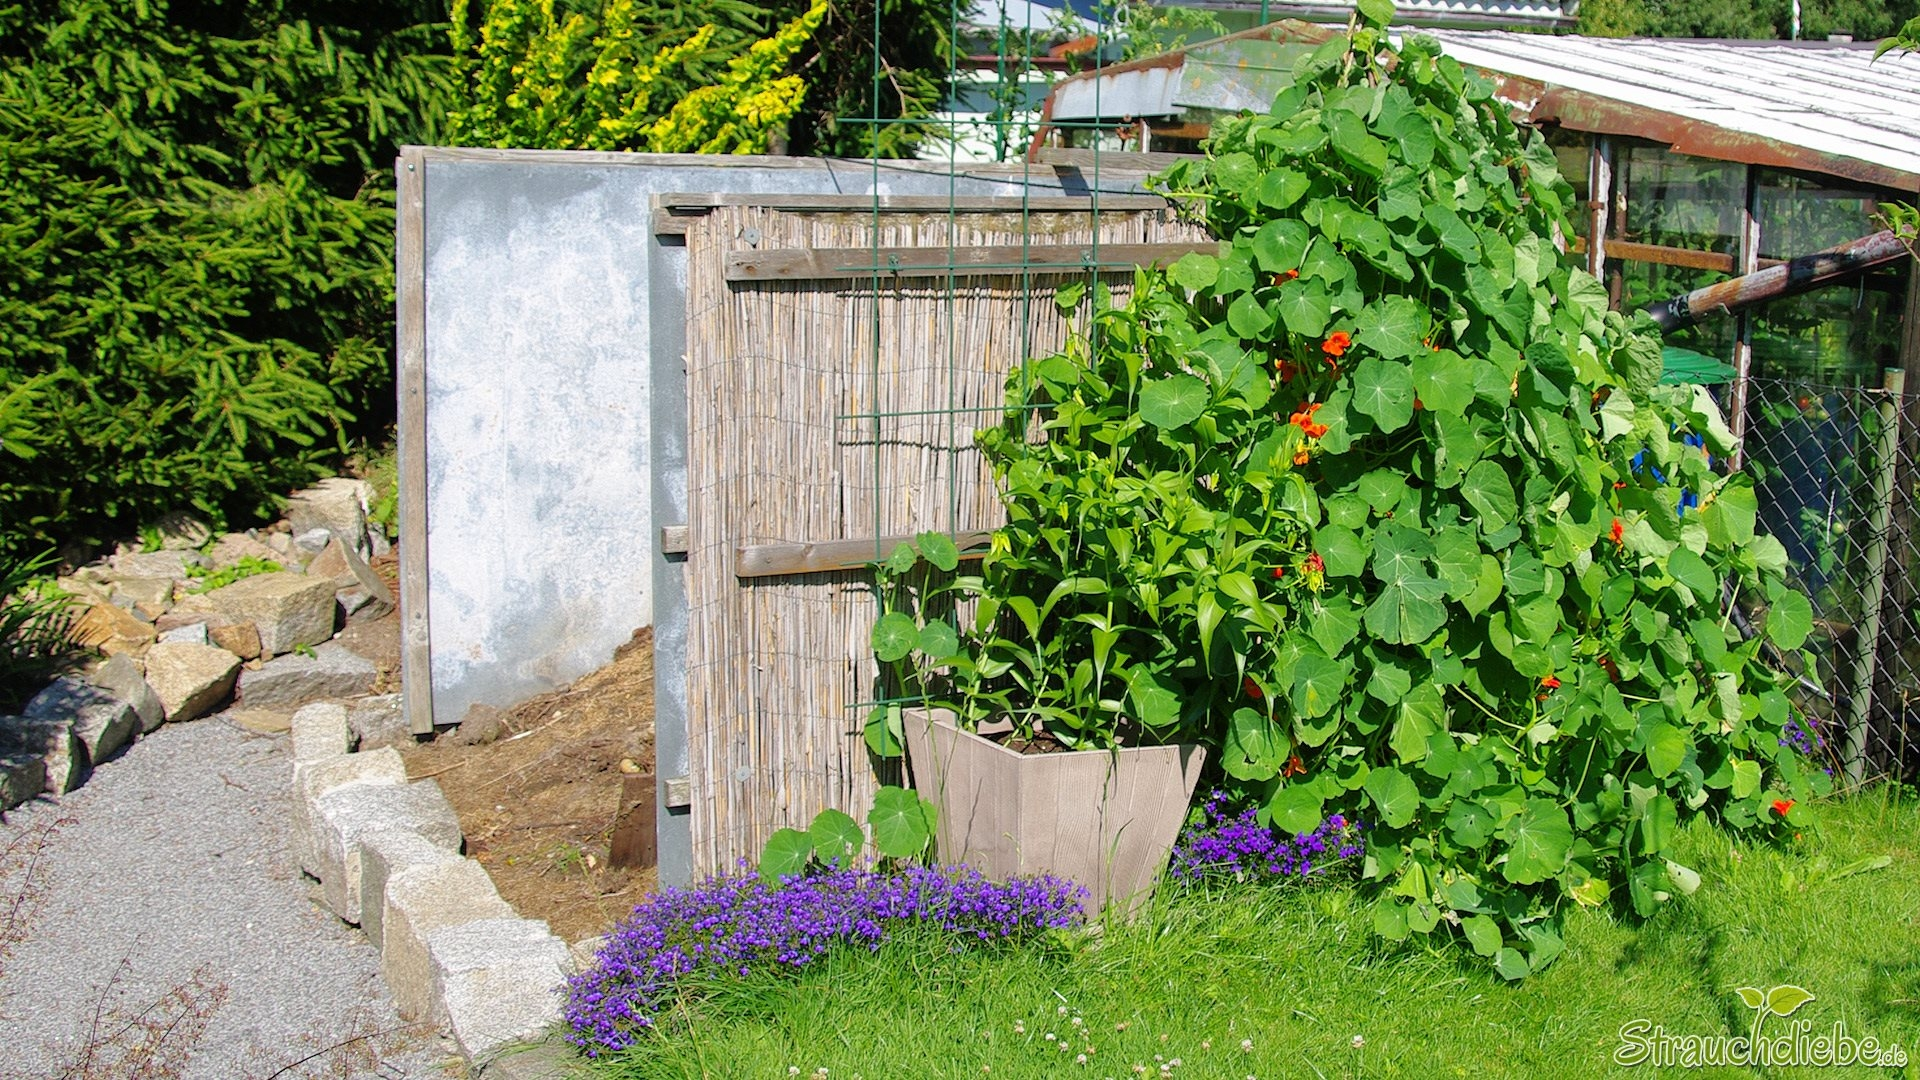 M nnertreu strauchdiebe - Gartenarbeiten im mai ...